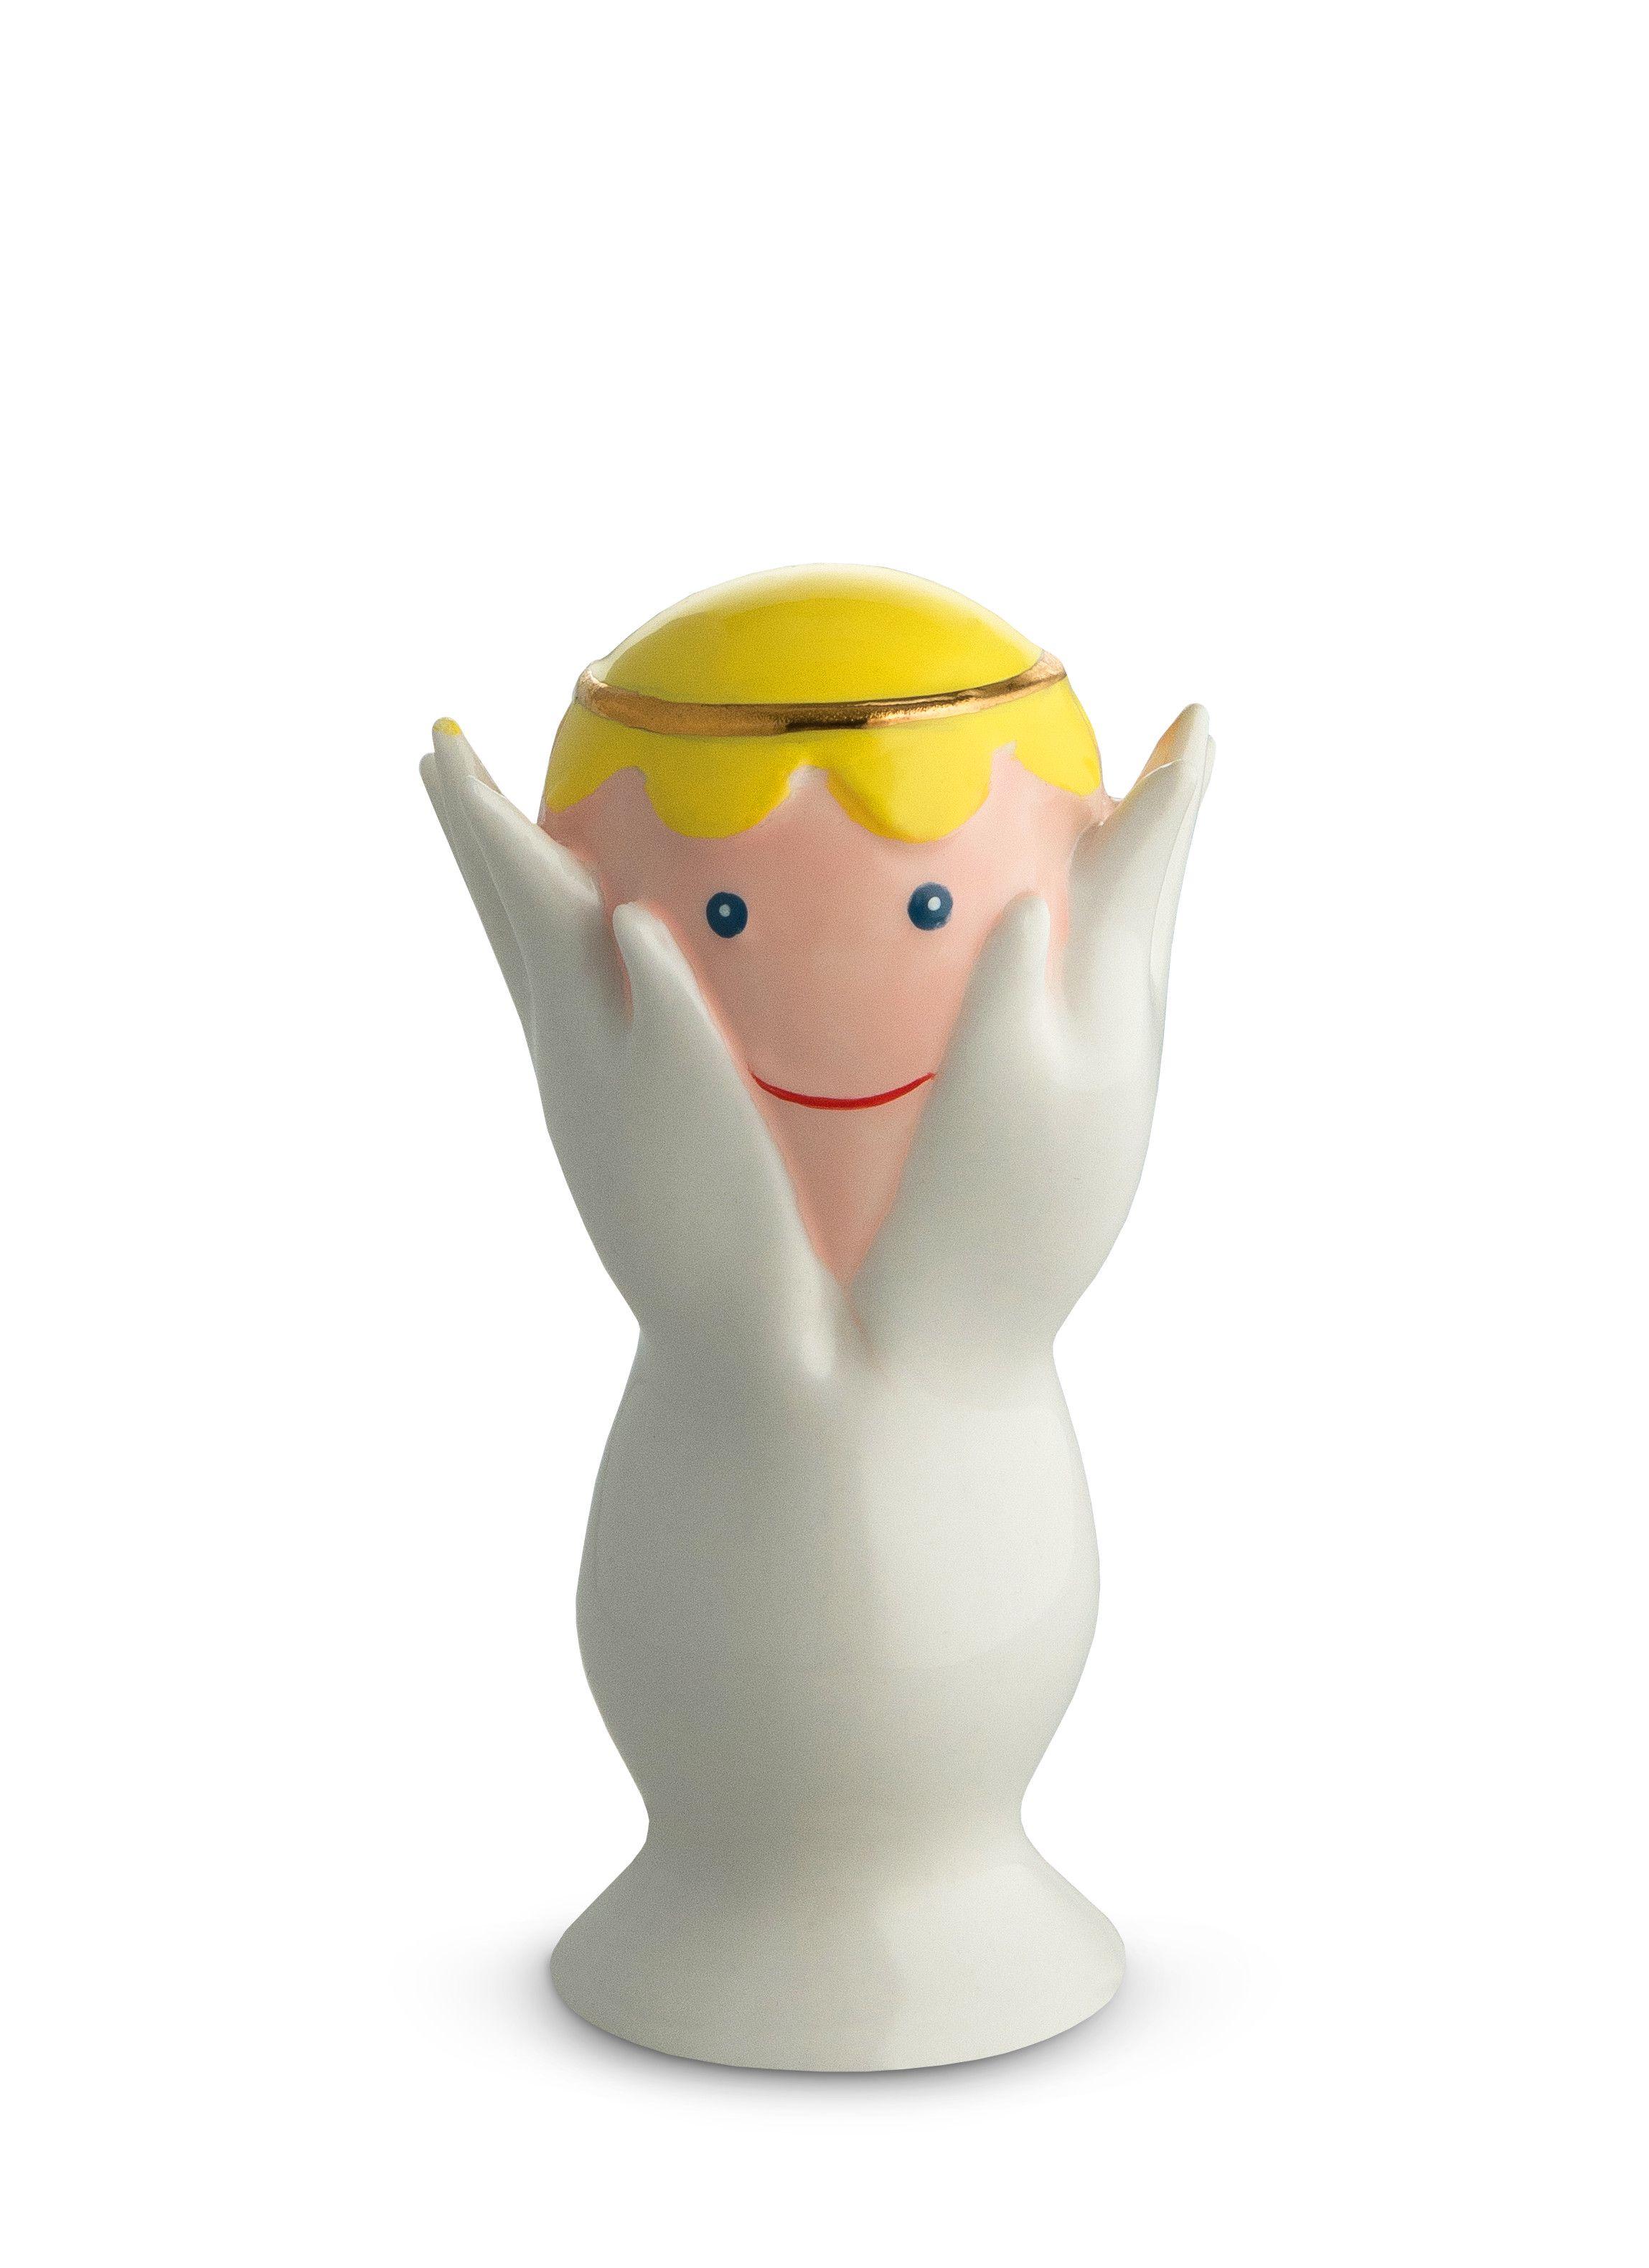 Alessi Kerstfiguren Happy Eternity Baby AGJ01 3 Door Massimo Giacon & Marcello Jori_kopie 2019-10-03 12:10:00 000000